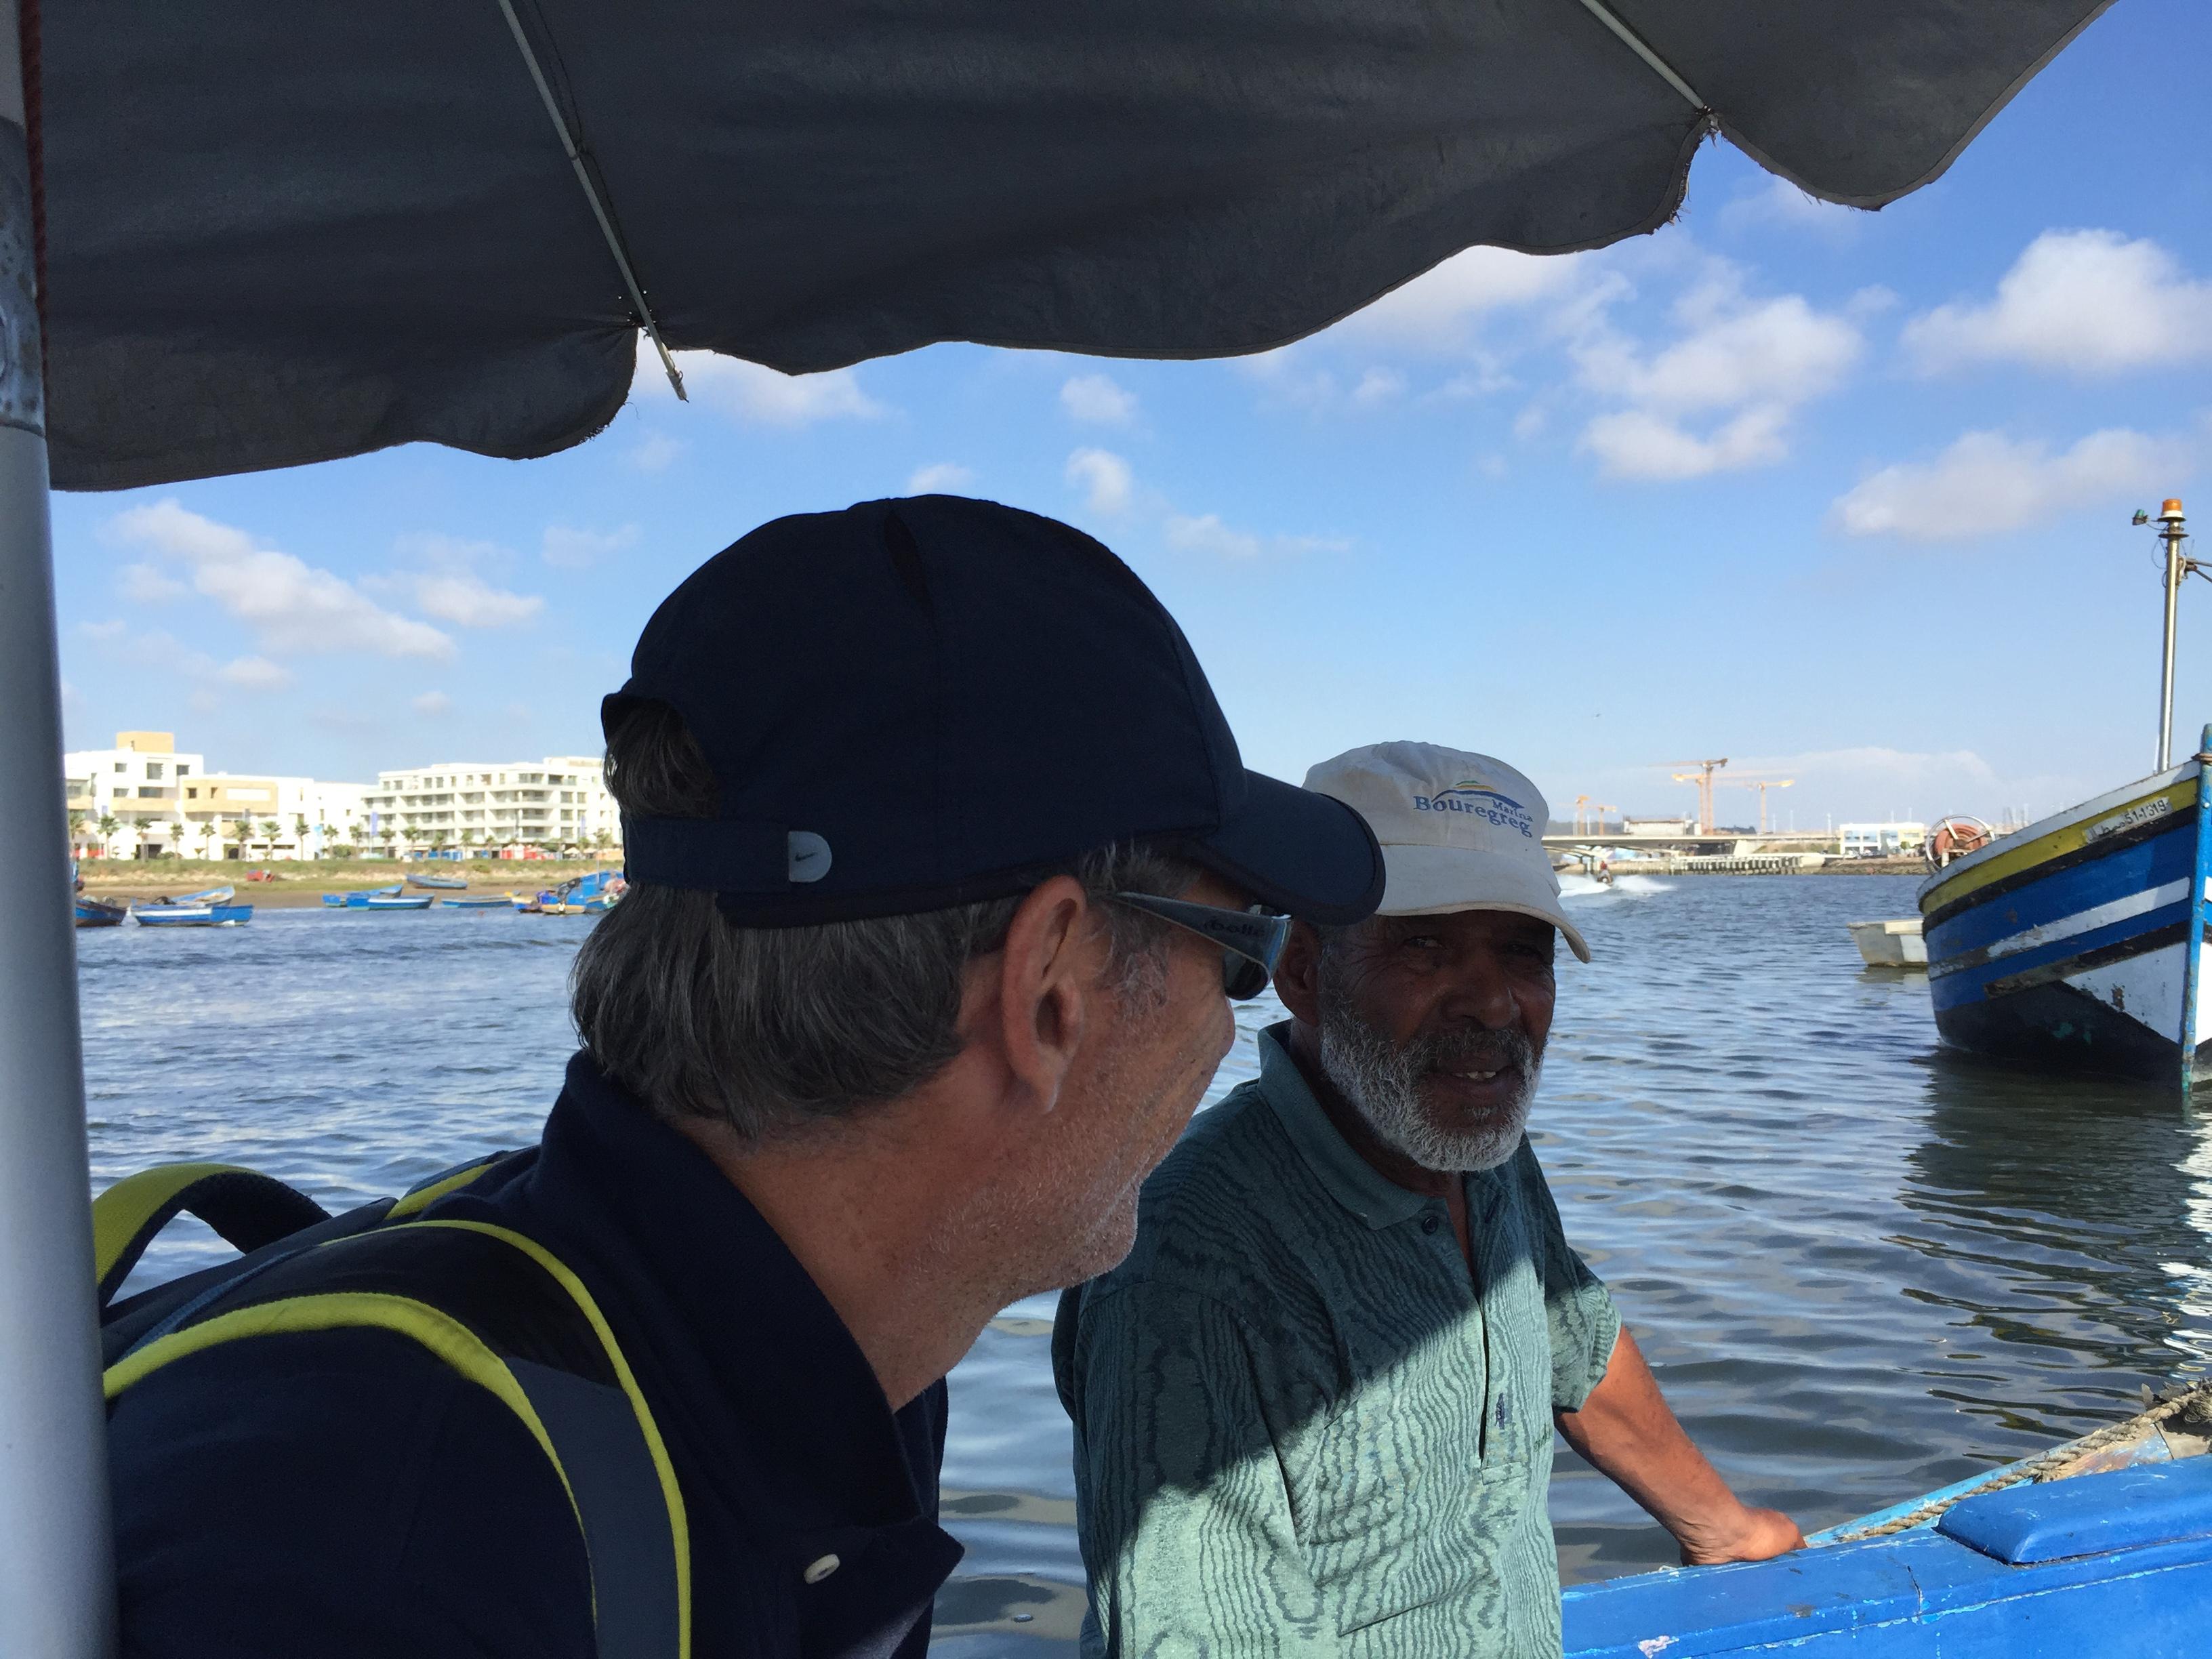 游艇,海友,三角,拉巴特,摩洛哥 摩洛哥都拉巴特,伊斯兰教宰牲节--《再济沧海》(71)